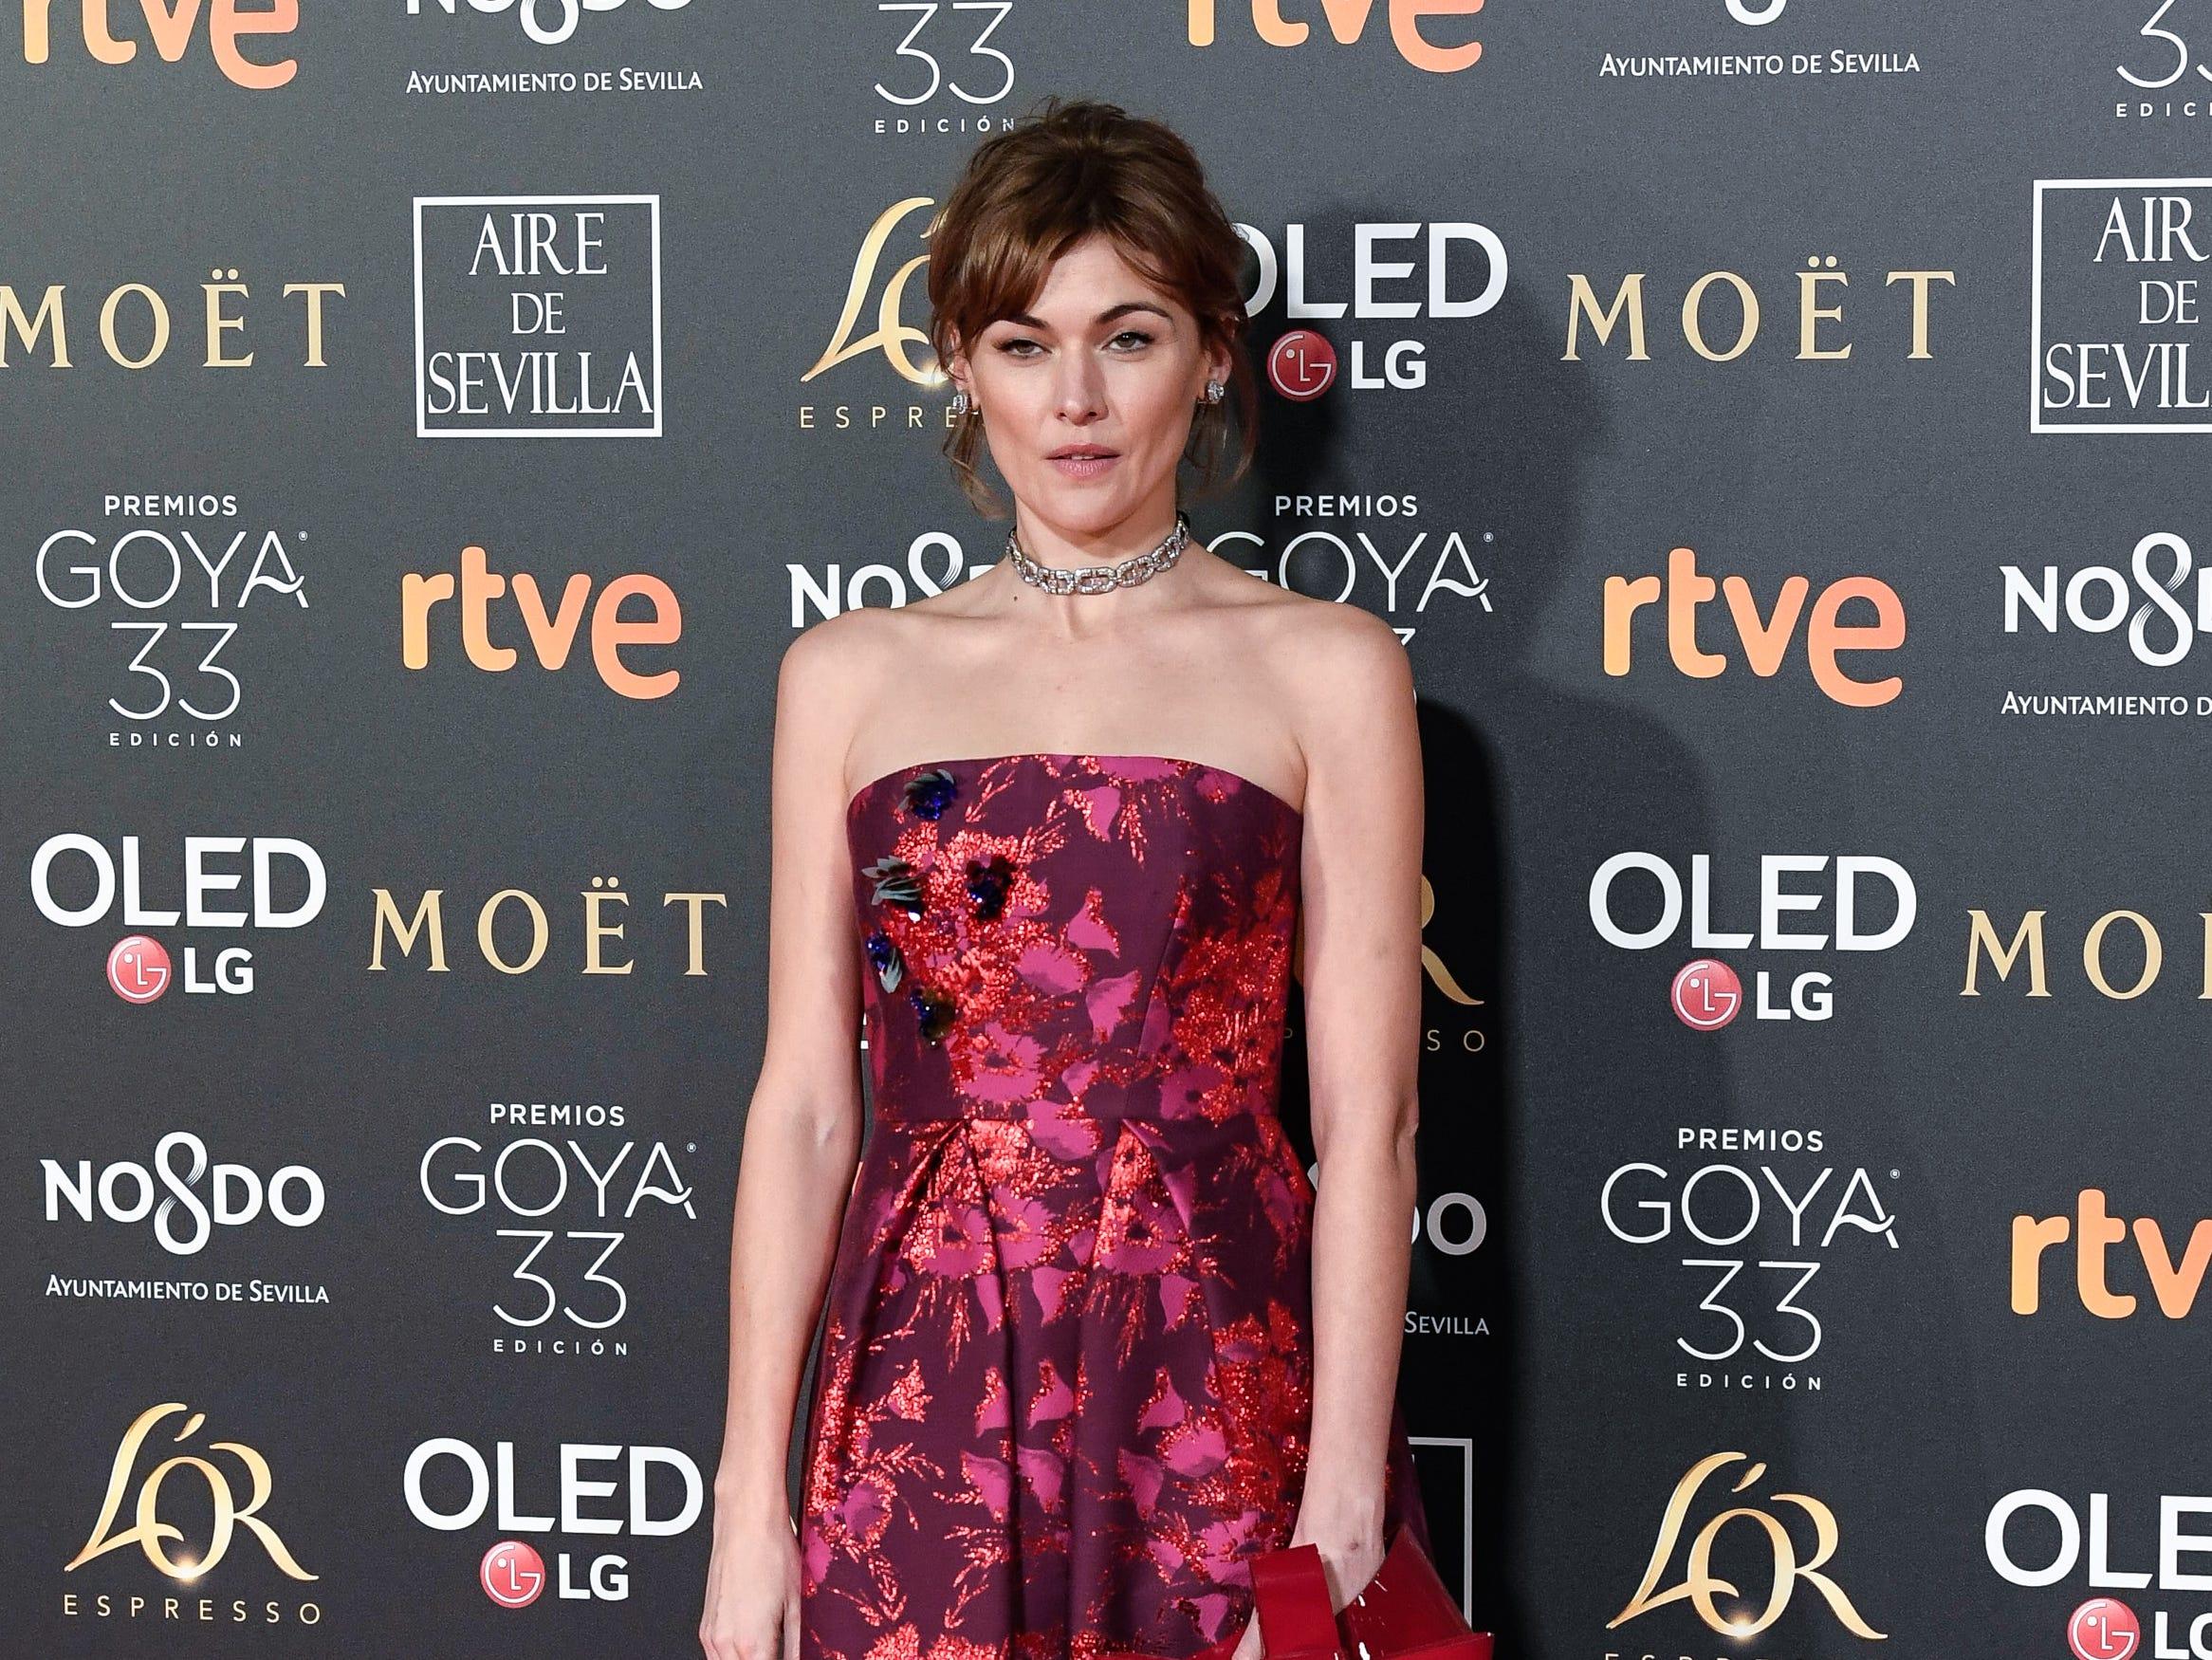 Marta Nieto asiste a la 33ª edición de los Premios de Cine Goya en el Palacio de Congresos y Exposiciones FIBES el 2 de febrero de 2019 en Sevilla, España.